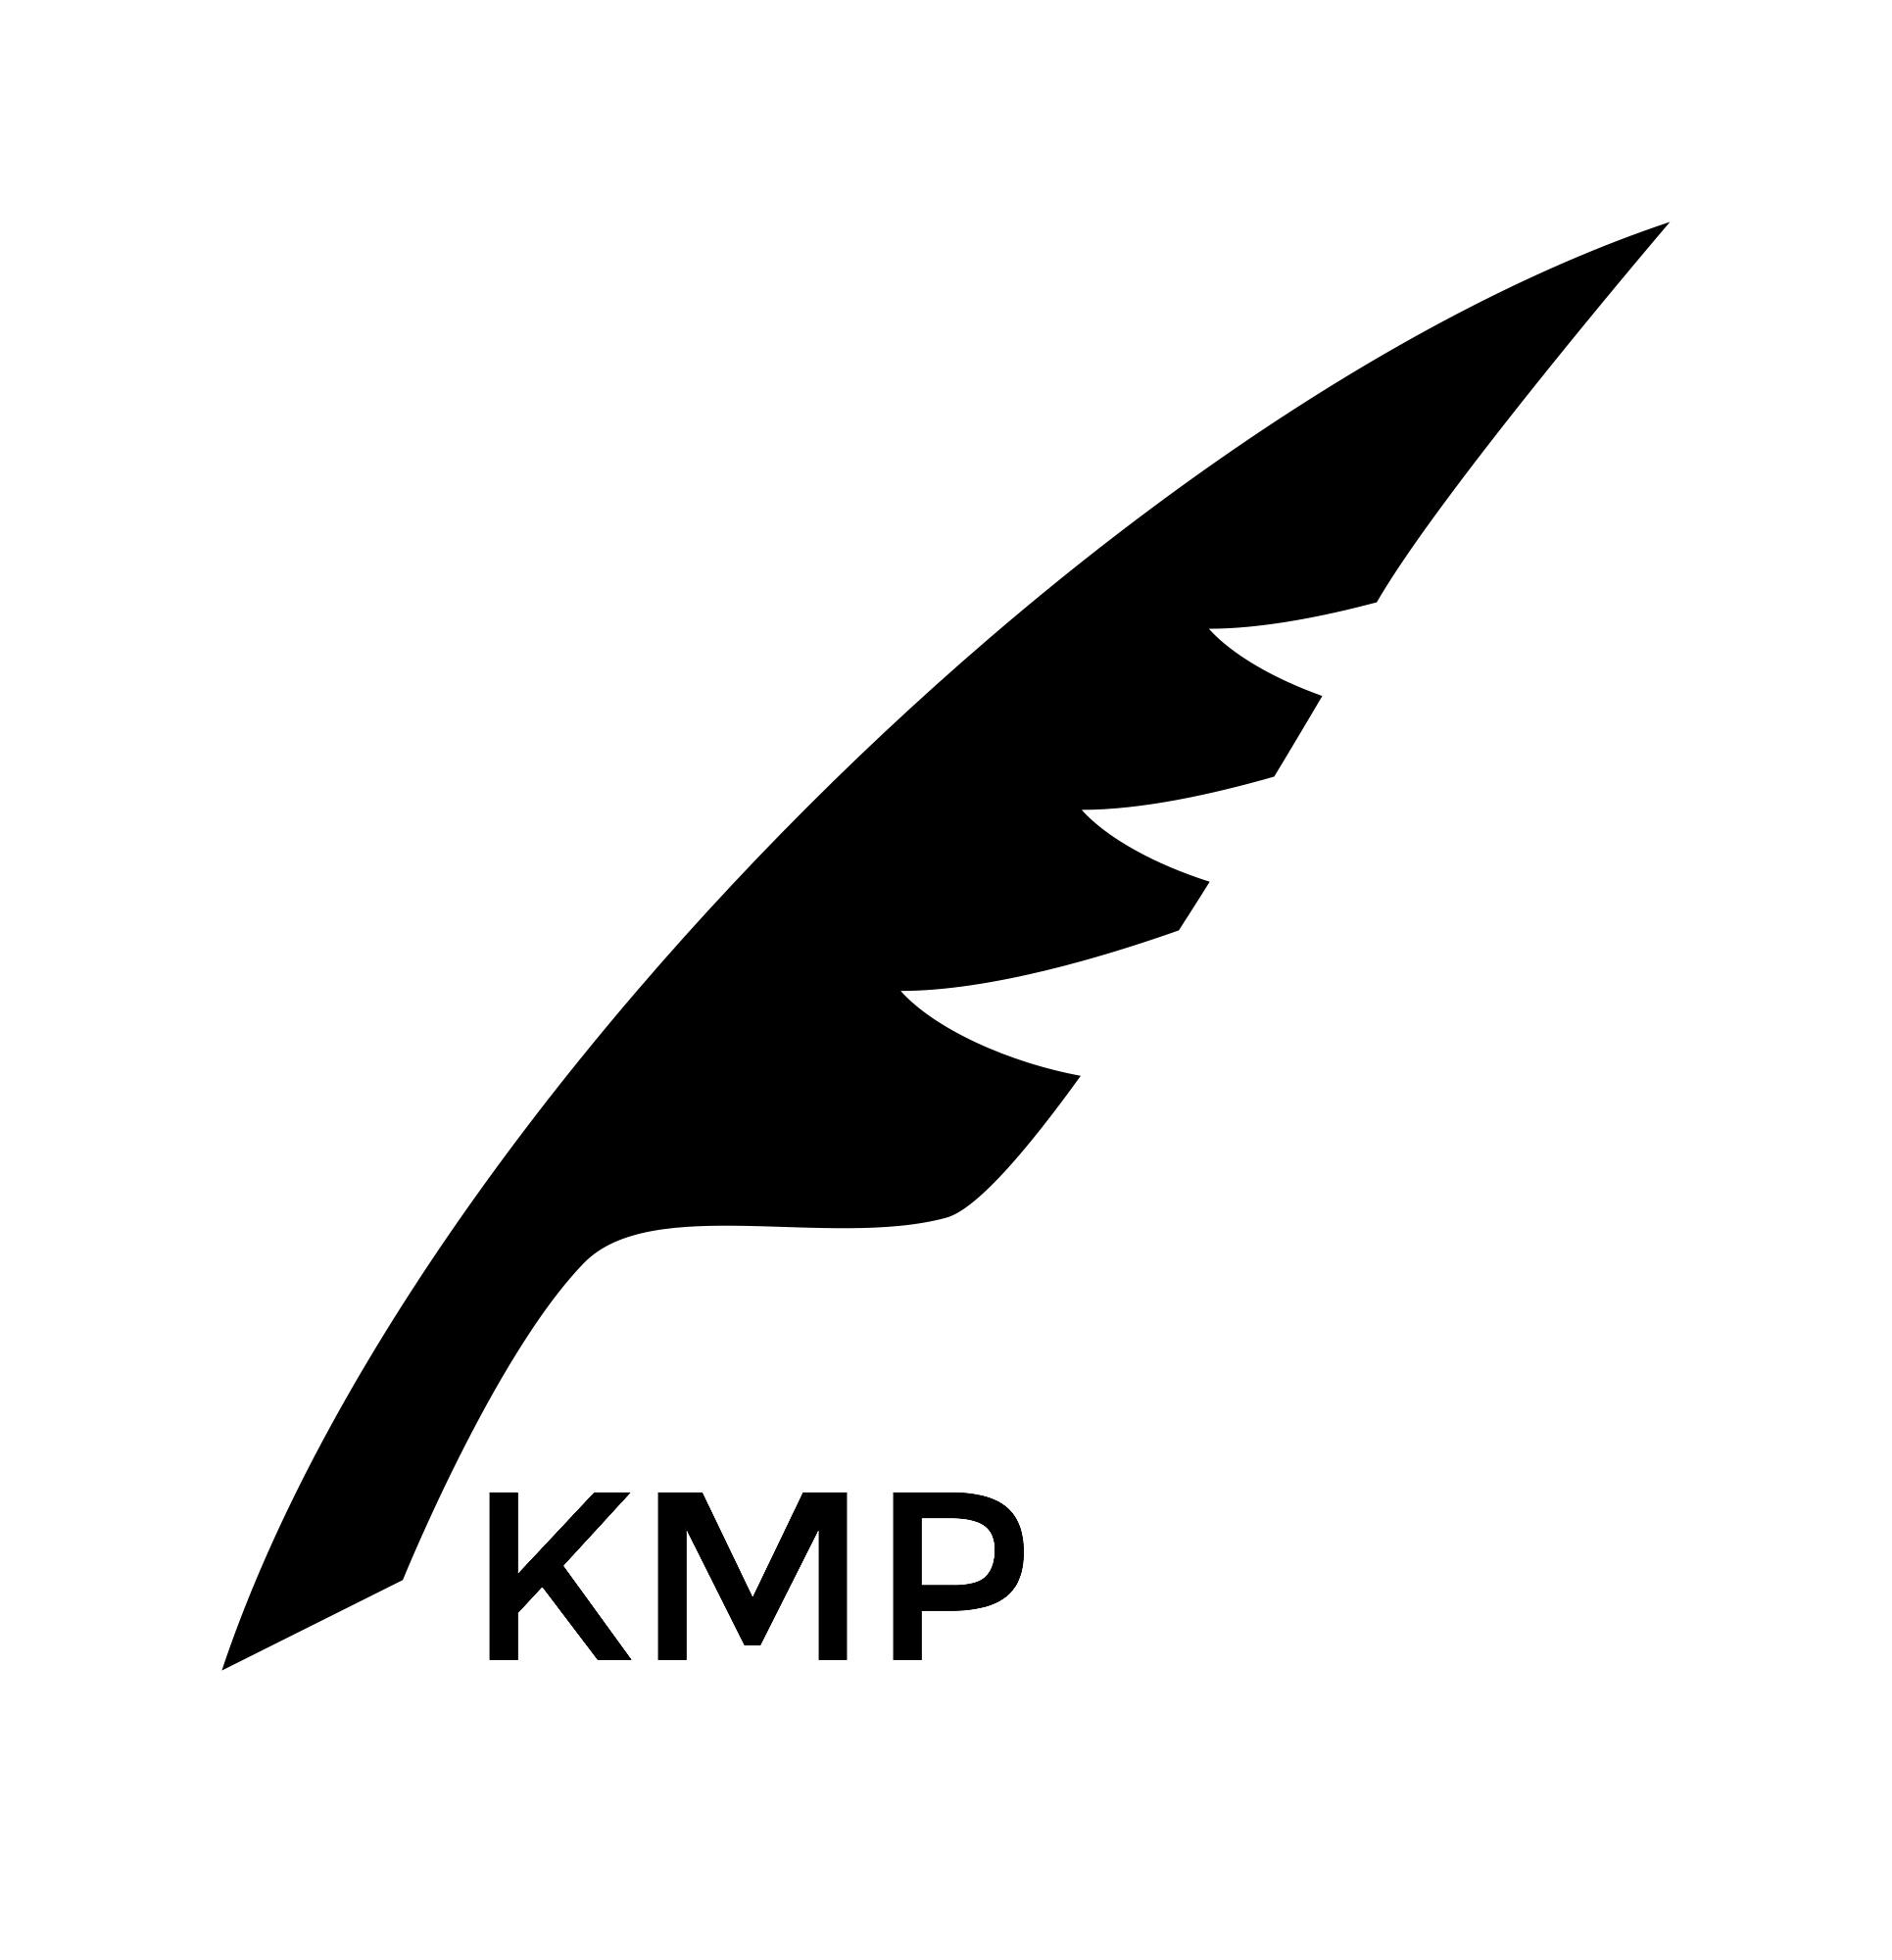 K. M. P.